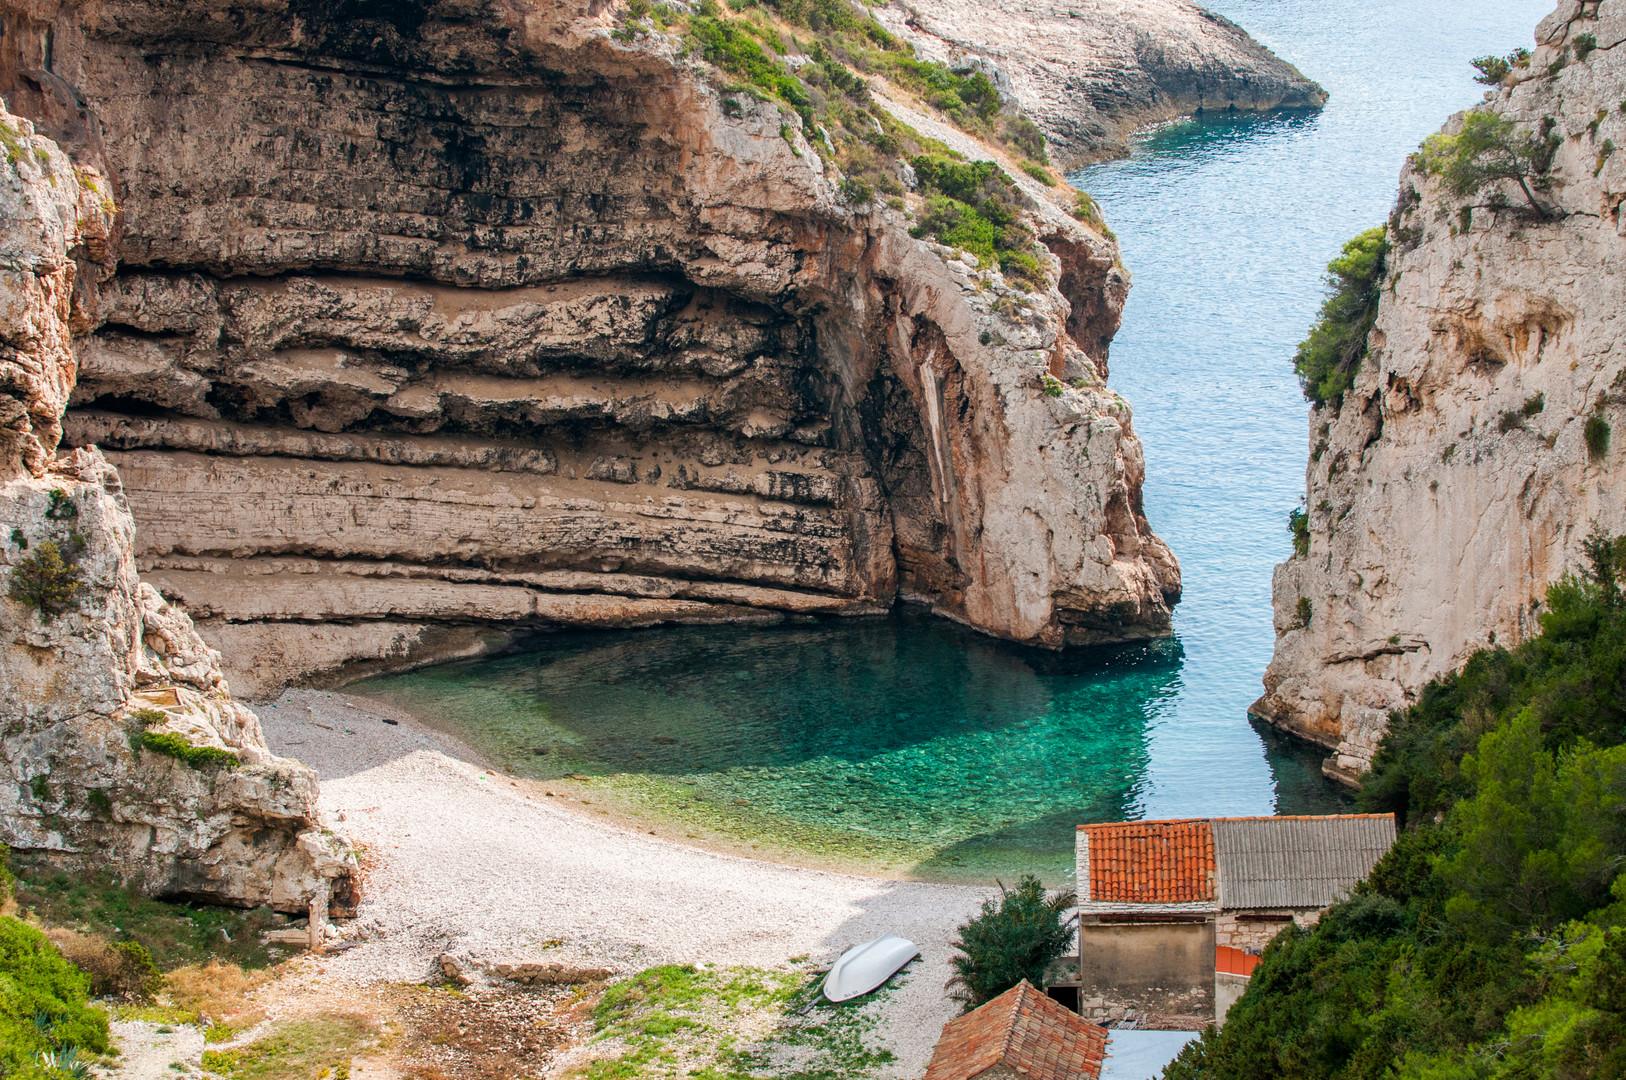 Stiniva bay in Croatia